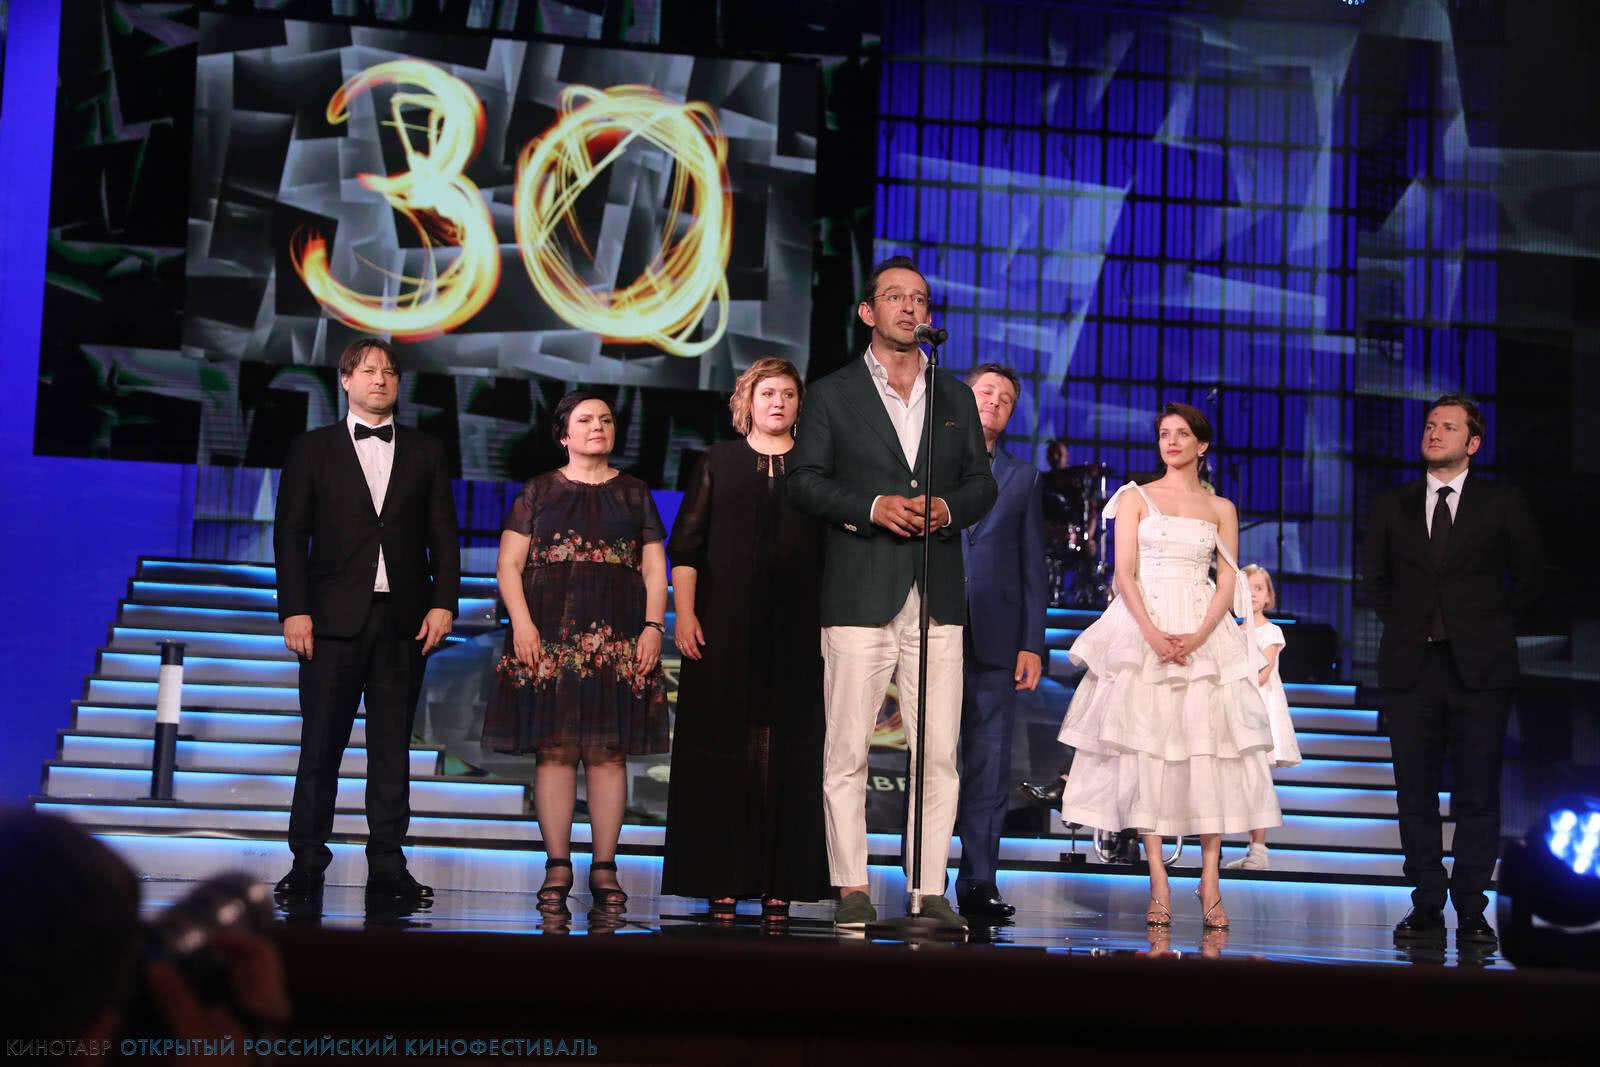 Председатель жюри Константин Хабенский на открытии «Кинотавра» выступил в поддержку Ивана Голунова